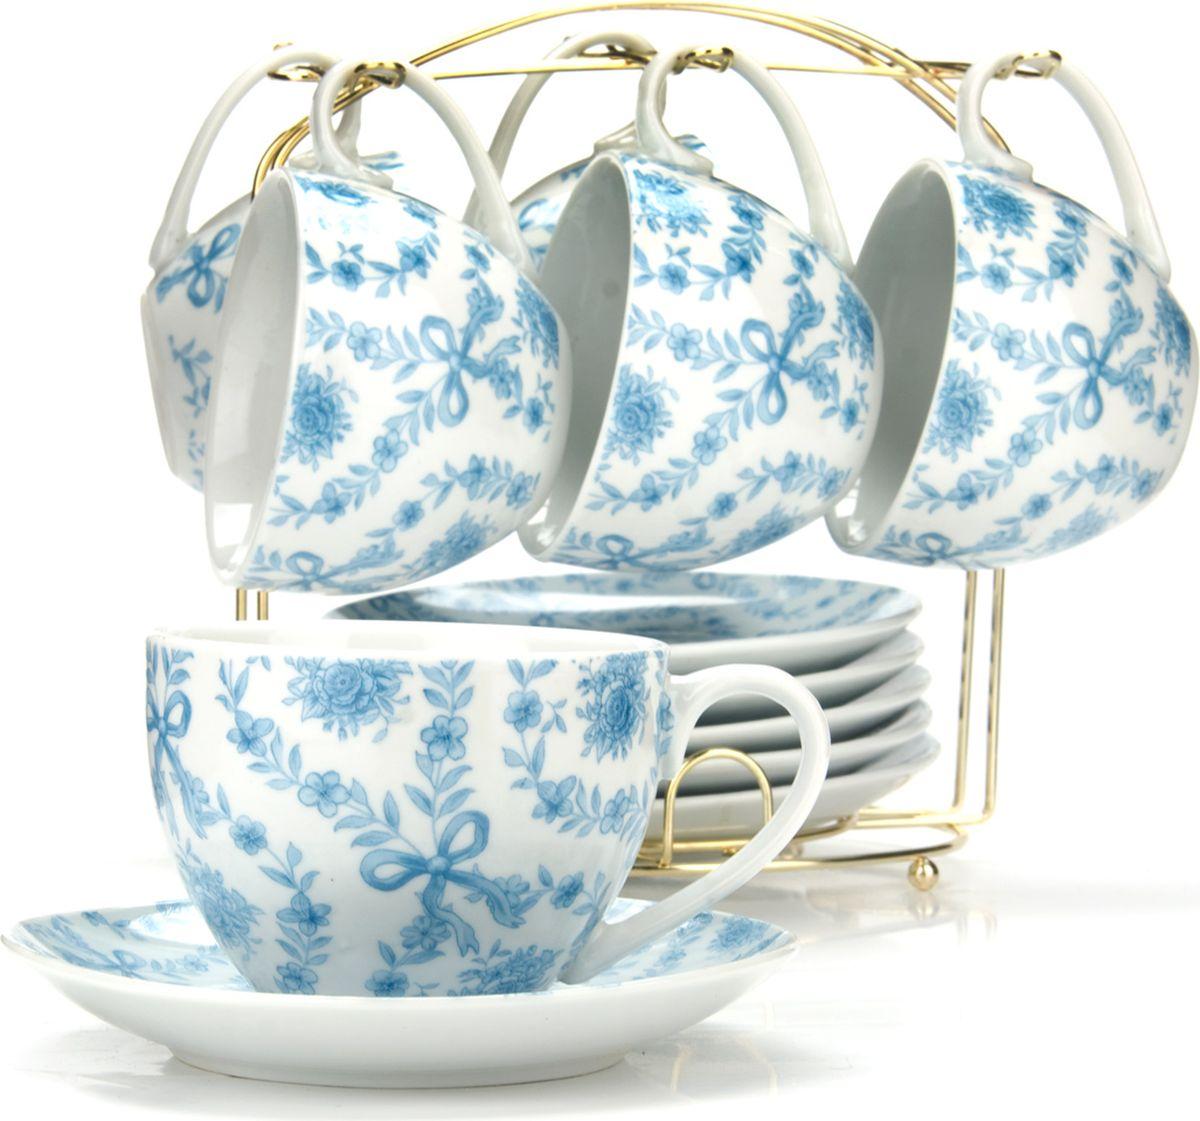 Сервиз чайный Loraine, на подставке, 13 предметов. 43287 сервиз чайный loraine на подставке 13 предметов 43295